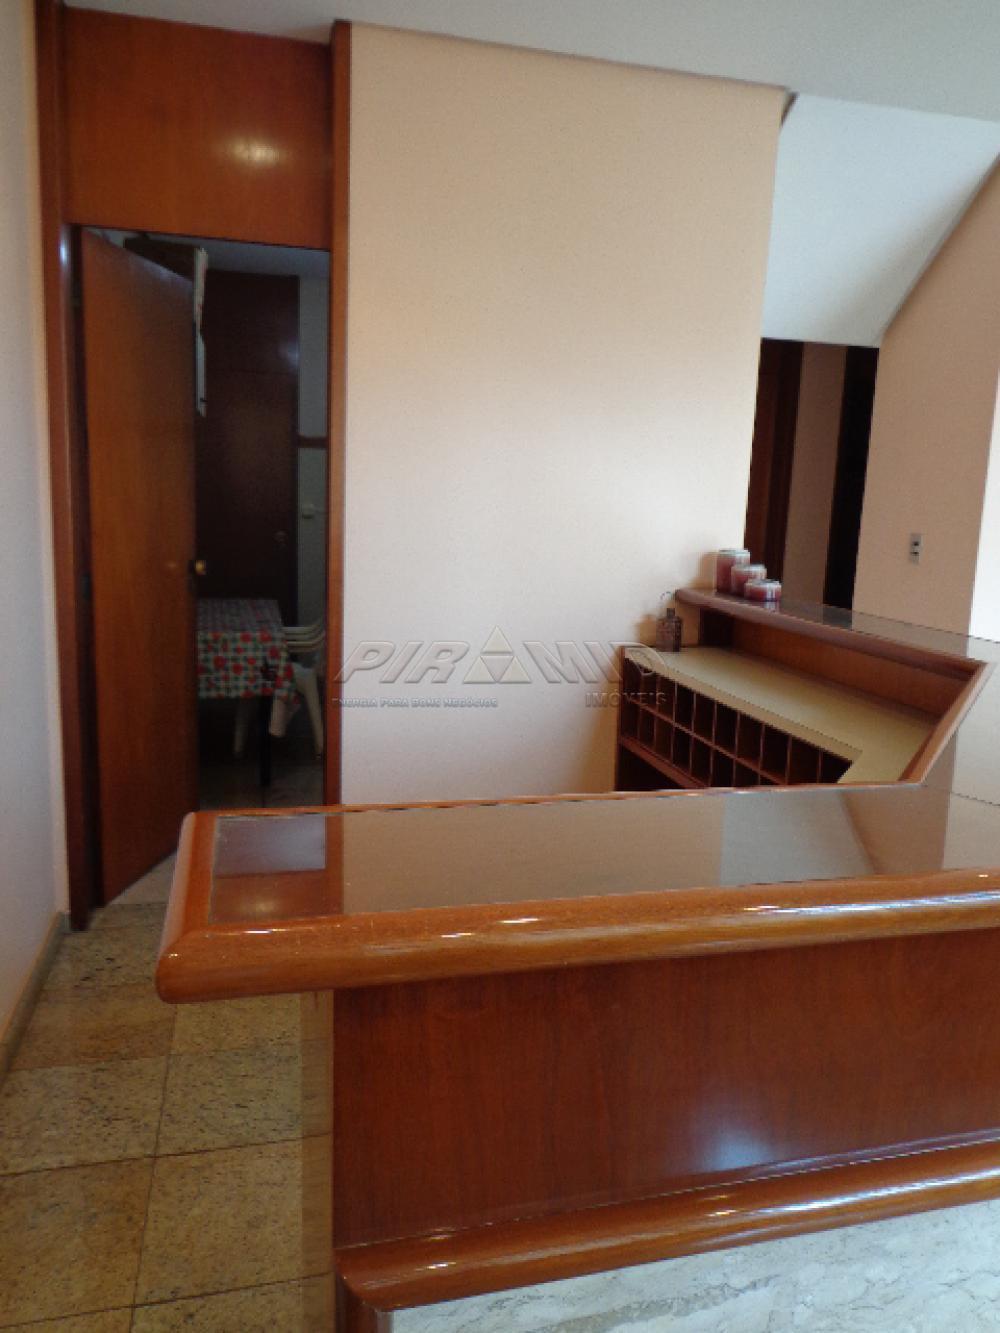 Comprar Apartamento / Padrão em Ribeirão Preto apenas R$ 450.000,00 - Foto 33